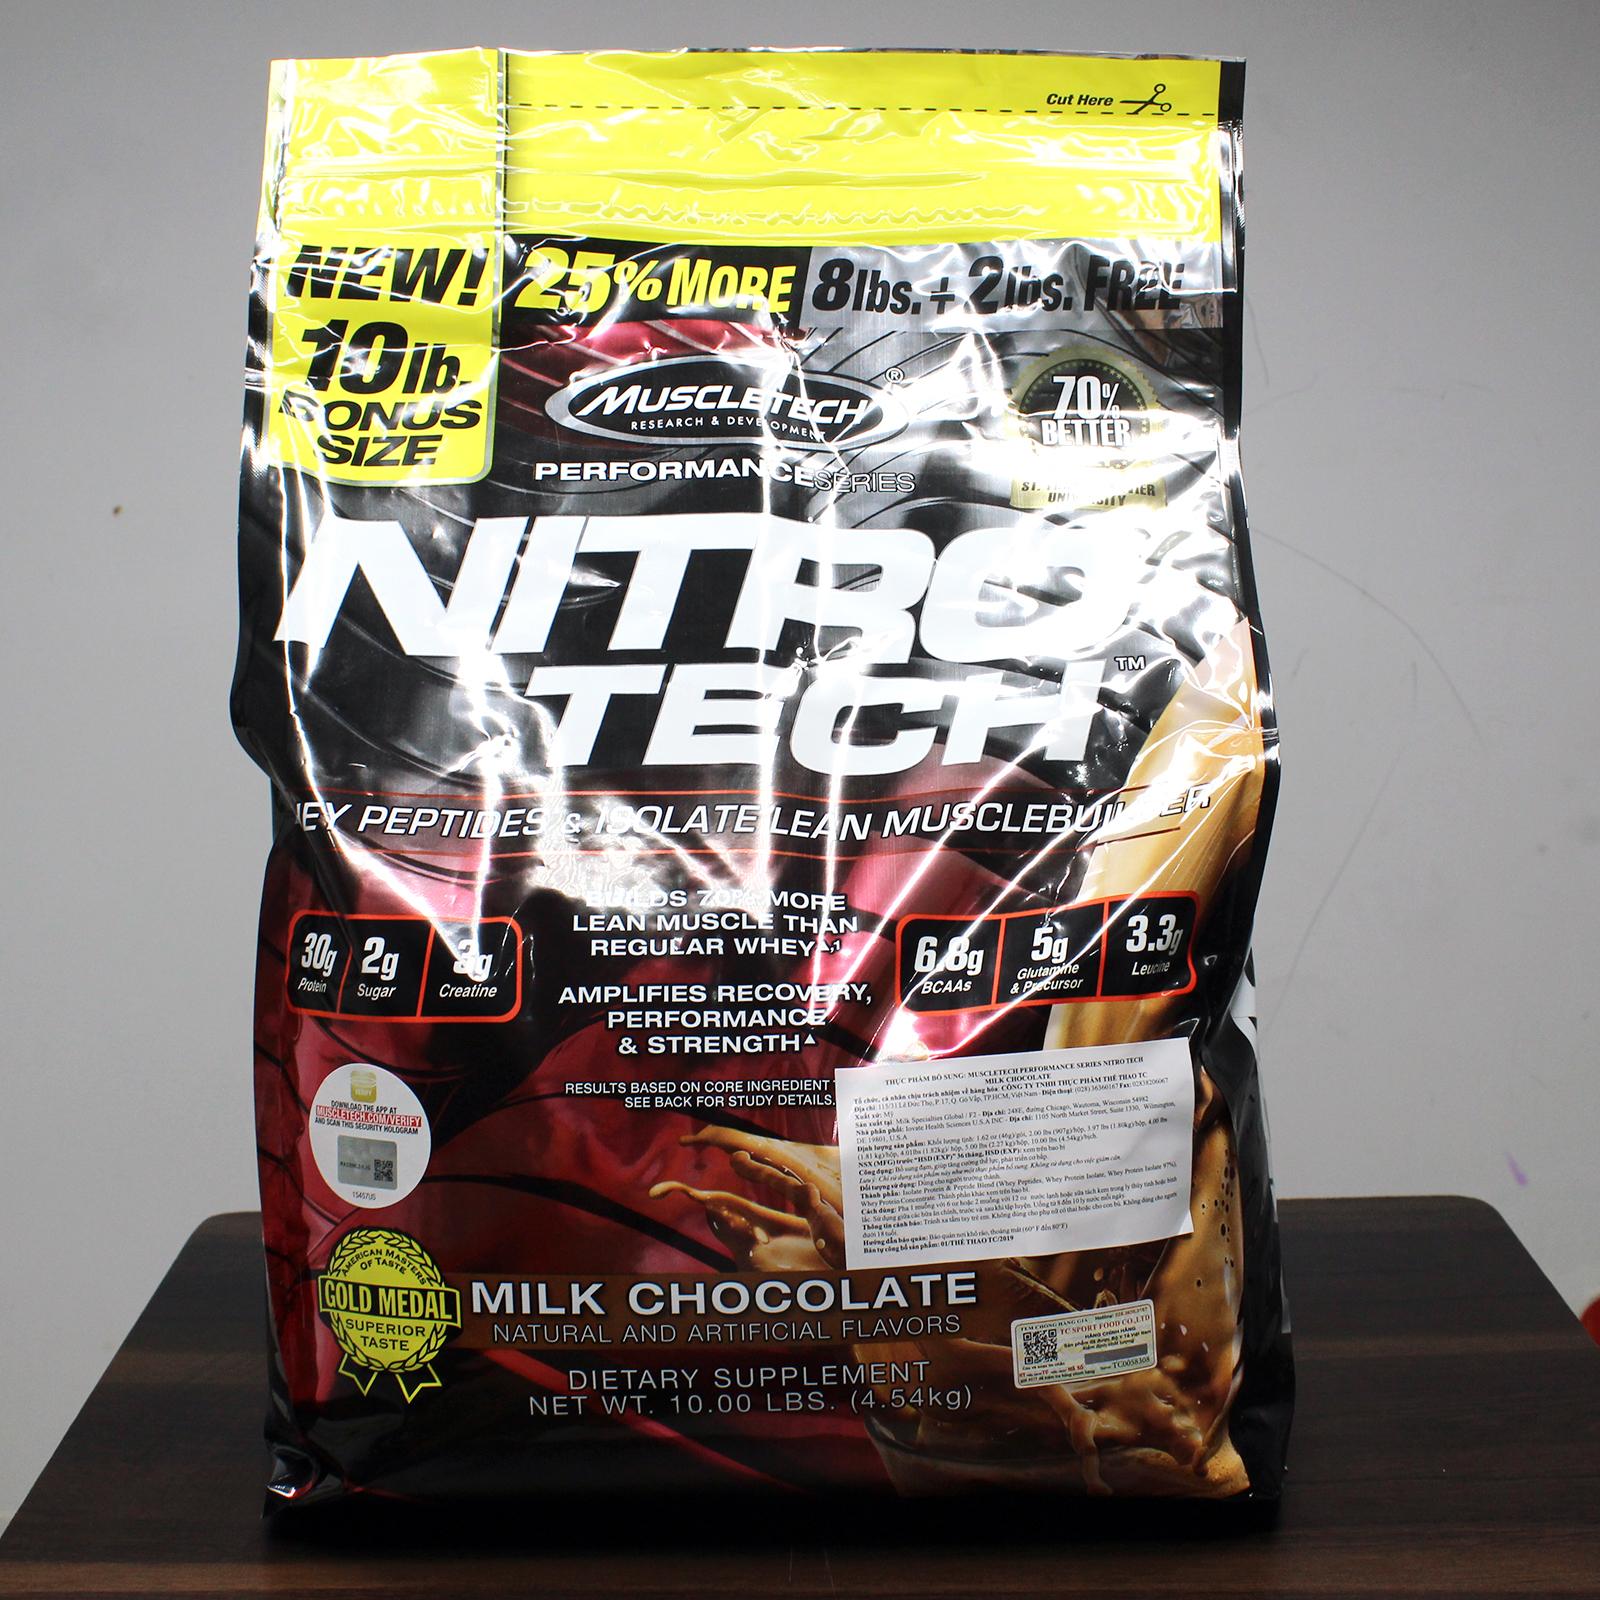 Combo Sữa tăng cơ giảm mỡ cao cấp Nitrotech hương Chocolate bịch lớn 10lbs 100 lần dùng hỗ trợ tăng cơ, giảm cân, đốt mỡ, phục hồi cơ bắp & Bình lắc 600ml (Mẫu ngẫu nhiên)